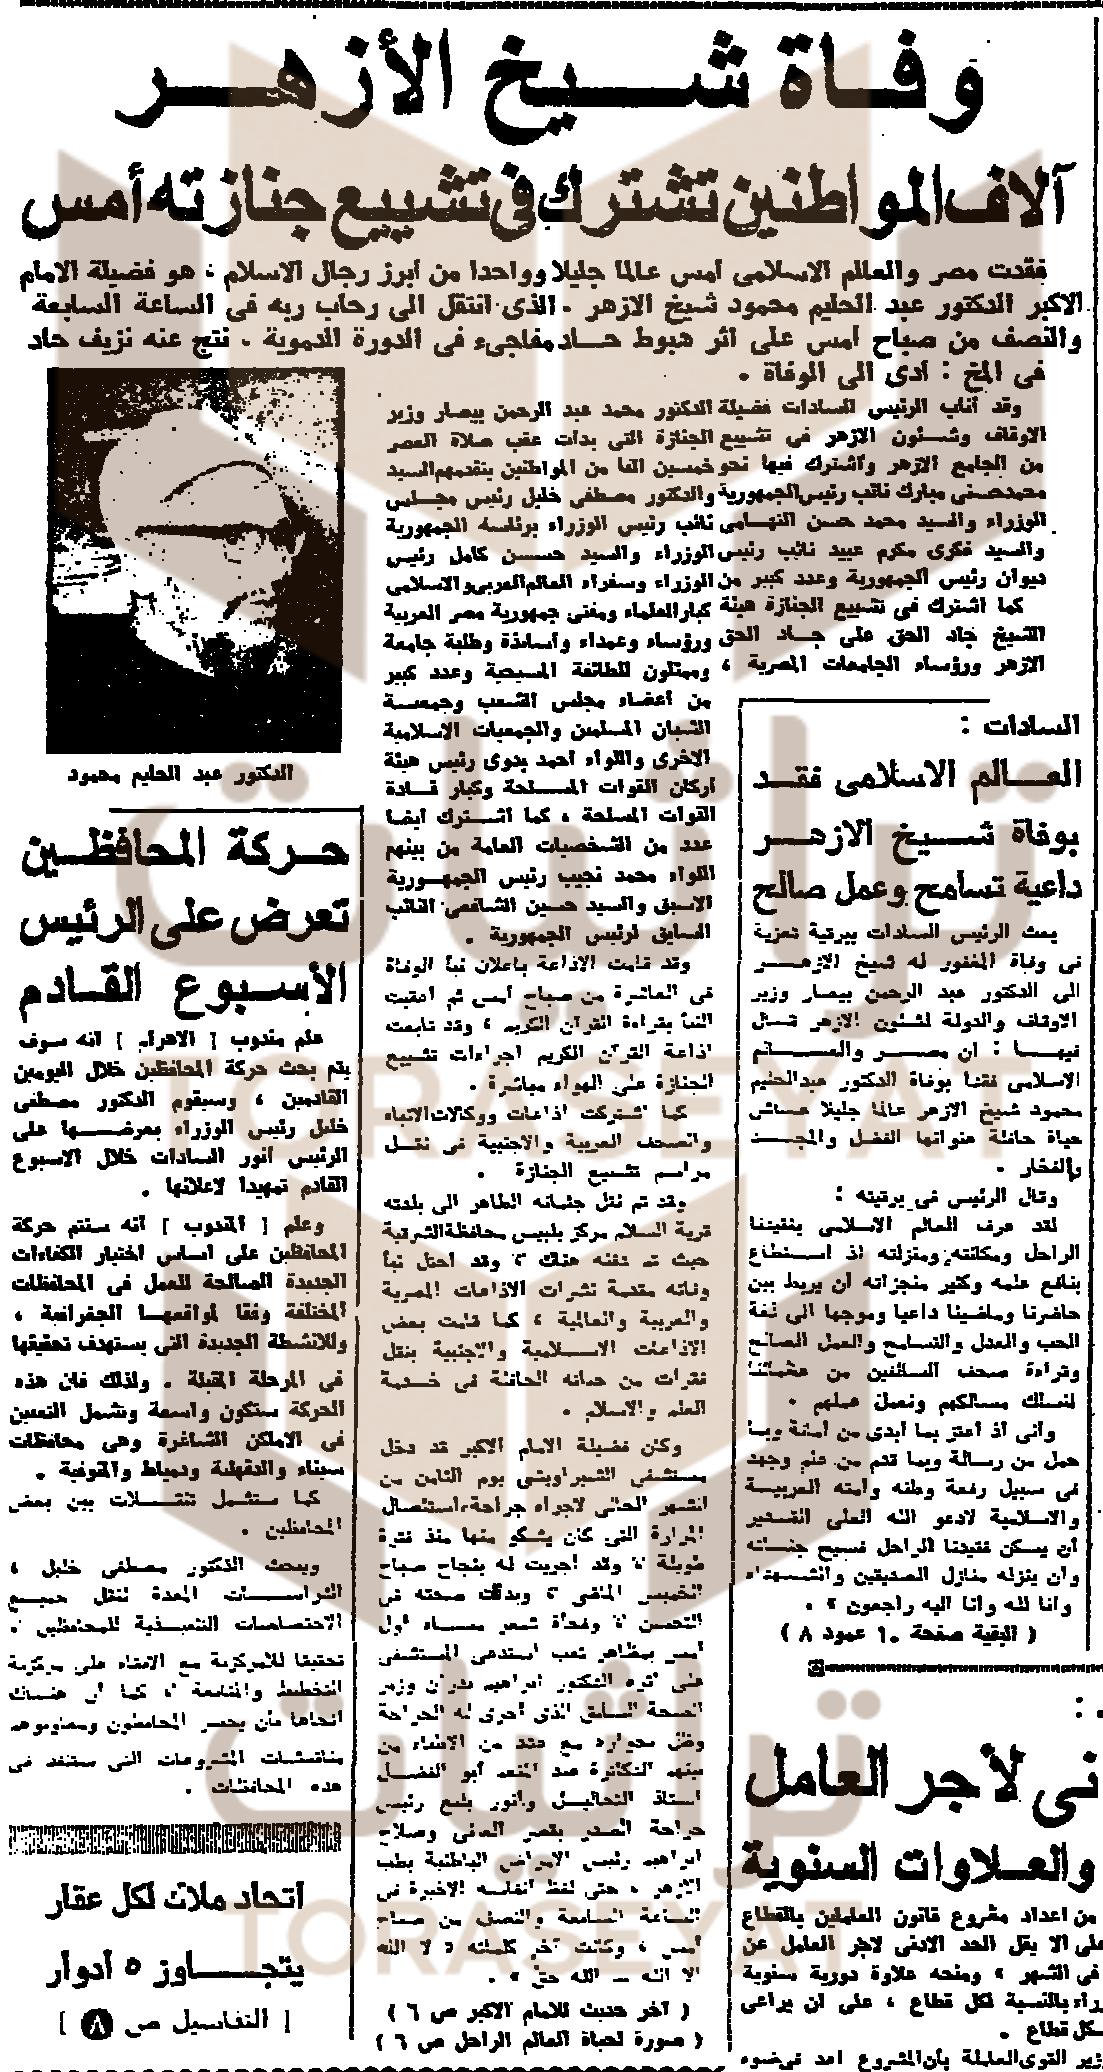 خبر وفاة الشيخ عبدالحليم محمود